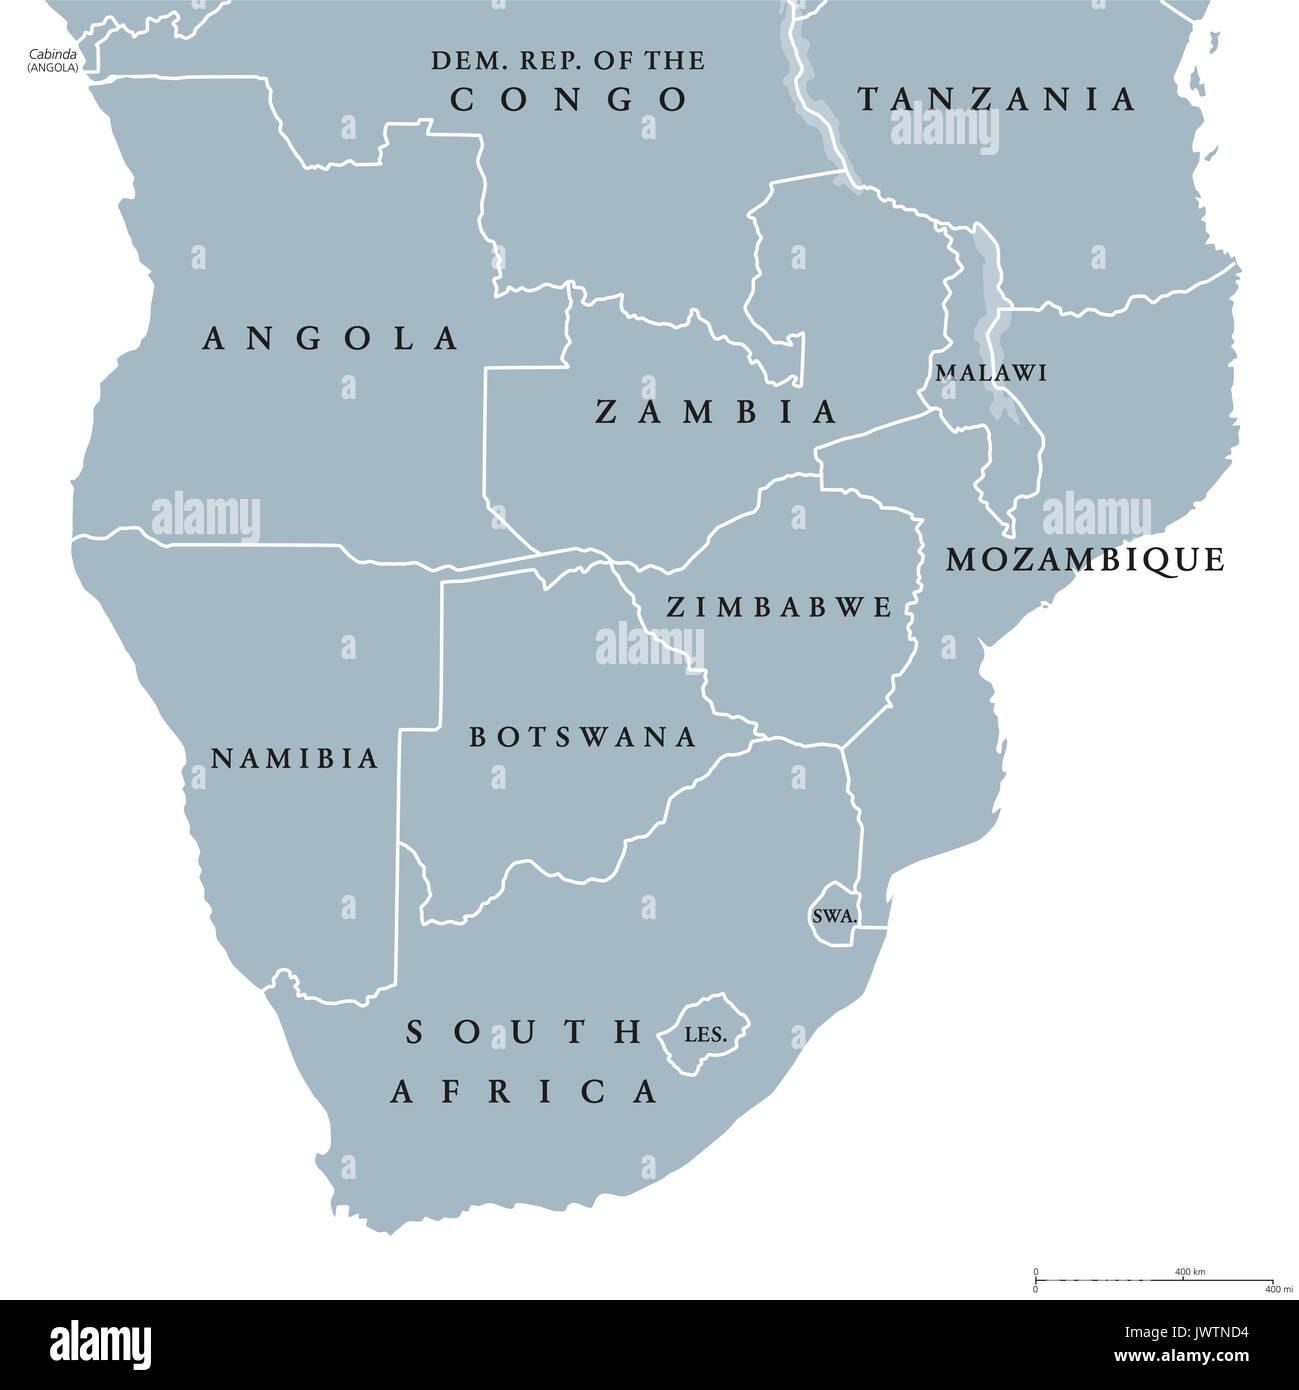 Sudliches Afrika Politische Karte Mit Grenzen Der Lander Und Englischer Beschriftung Die Sudlichste Region Des Afrikanischen Kontinents Abbildung Landkarte